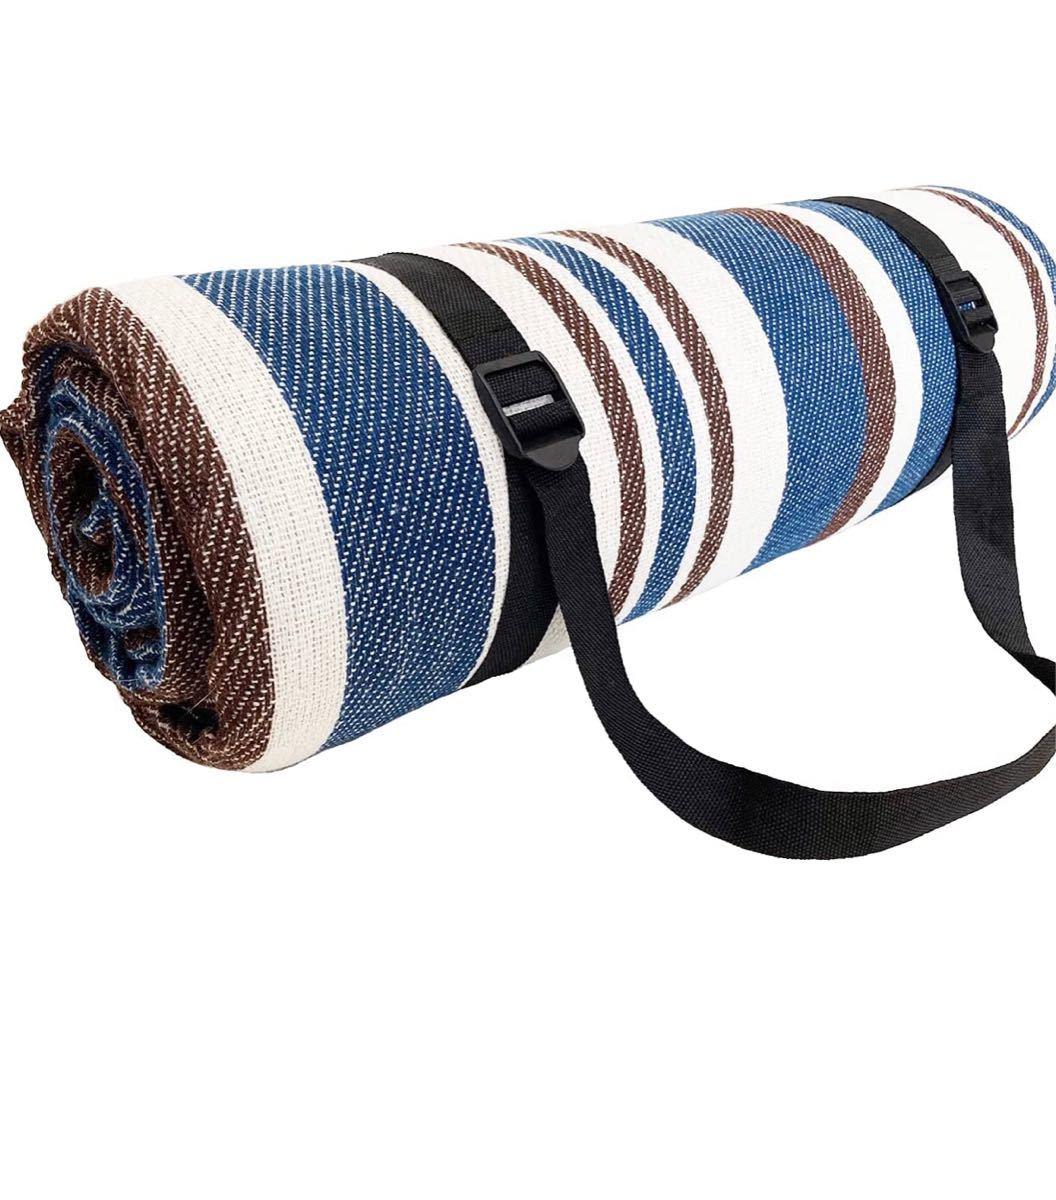 レジャーシート  ピクニックシート 厚手 折り畳み 新品未使用 キャンプマット